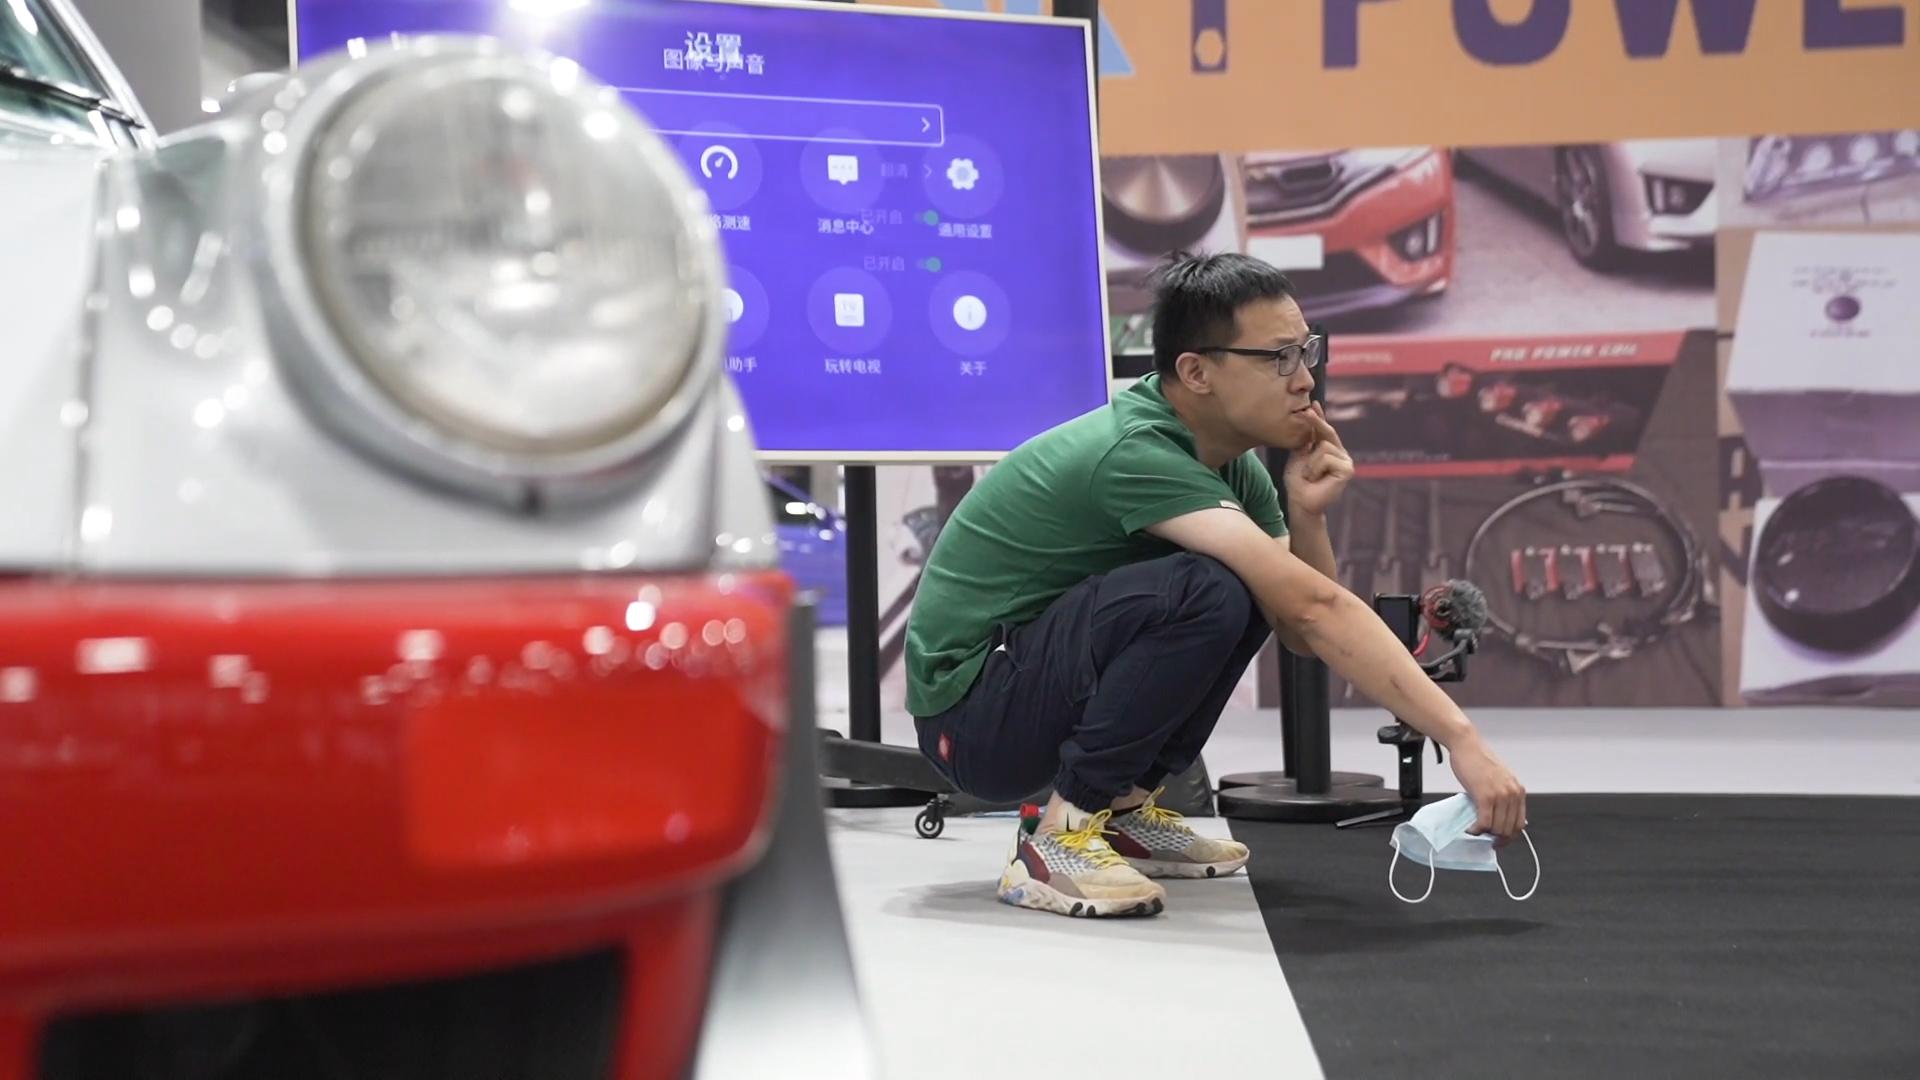 曾颖卓逛2020广州车展,这些车比新车更好看